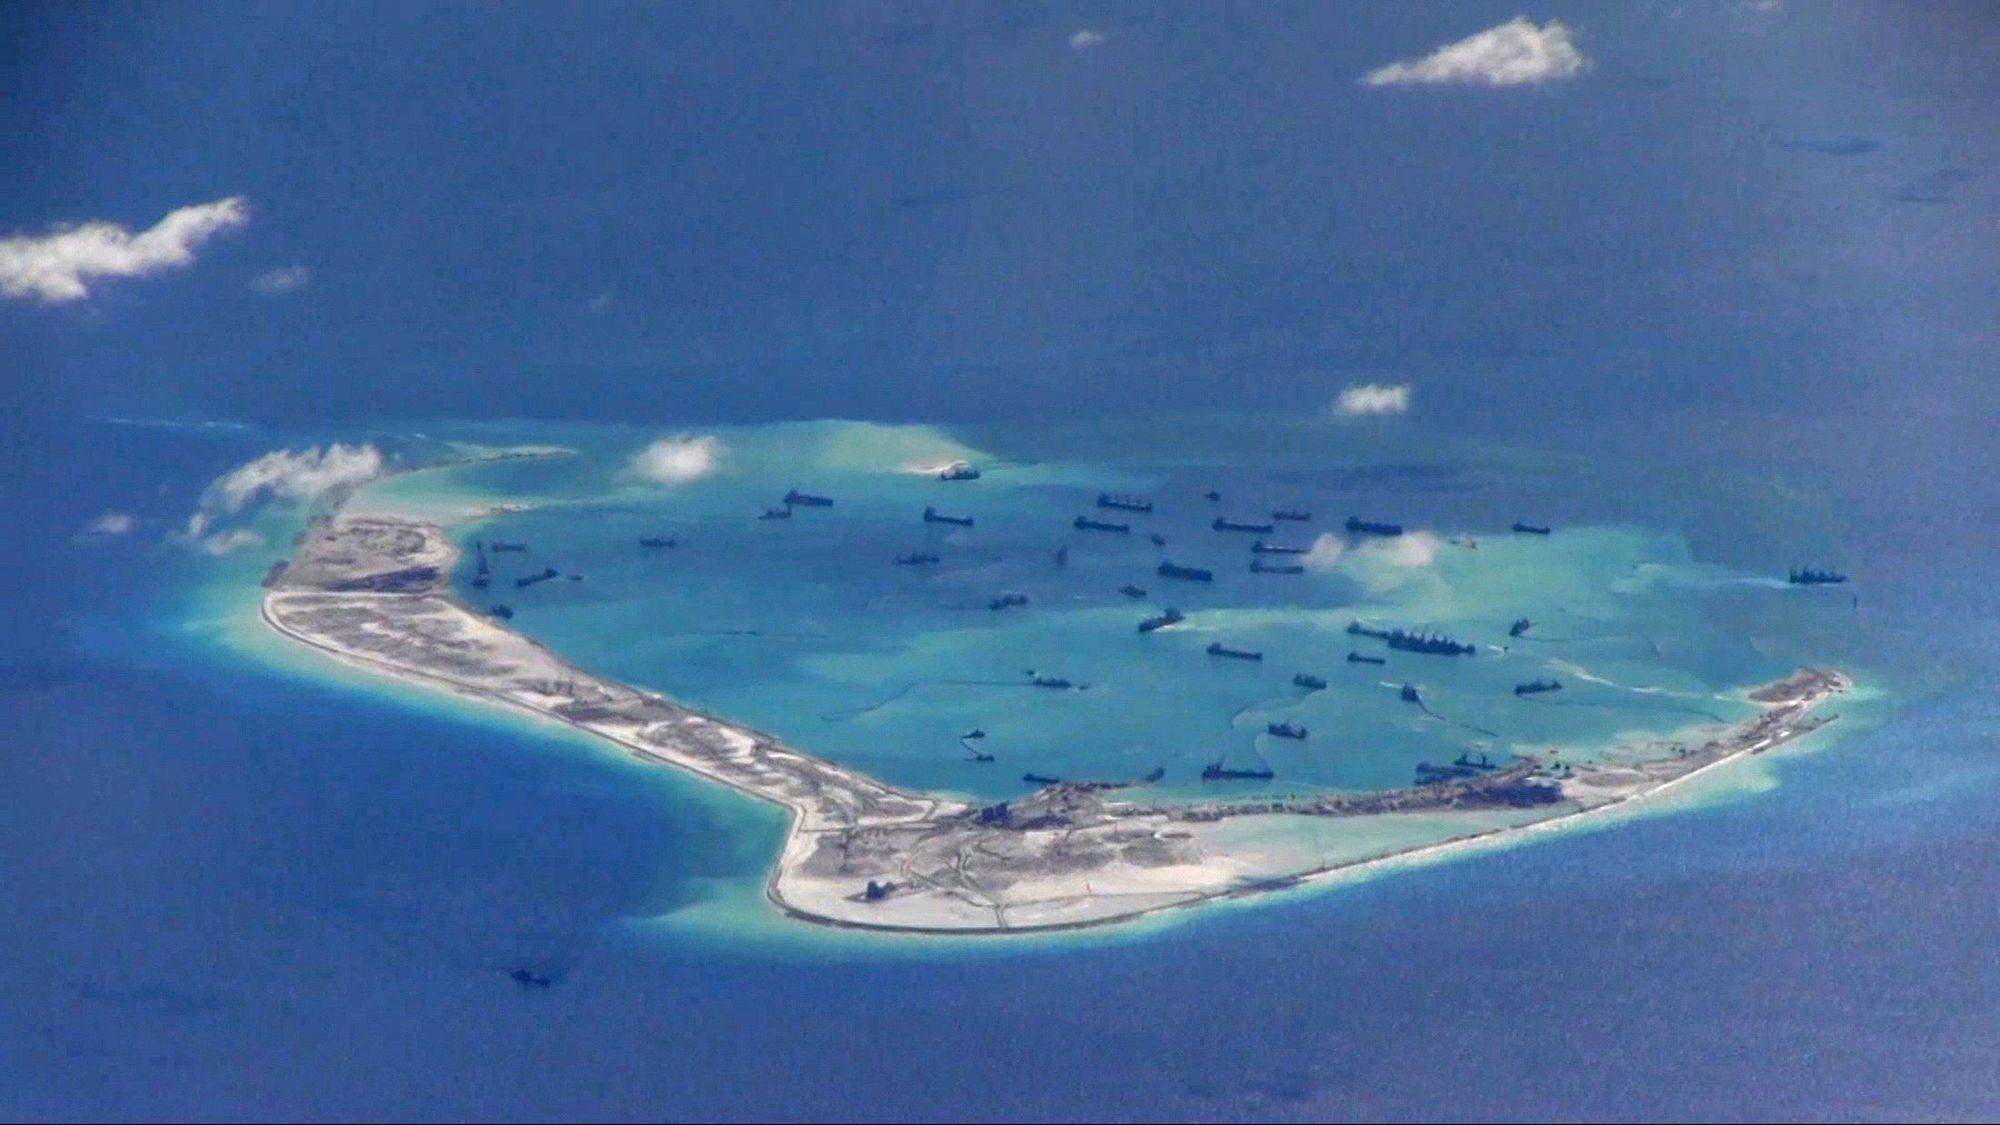 Pékin déplore le communiqué du G7 sur les litiges maritimes